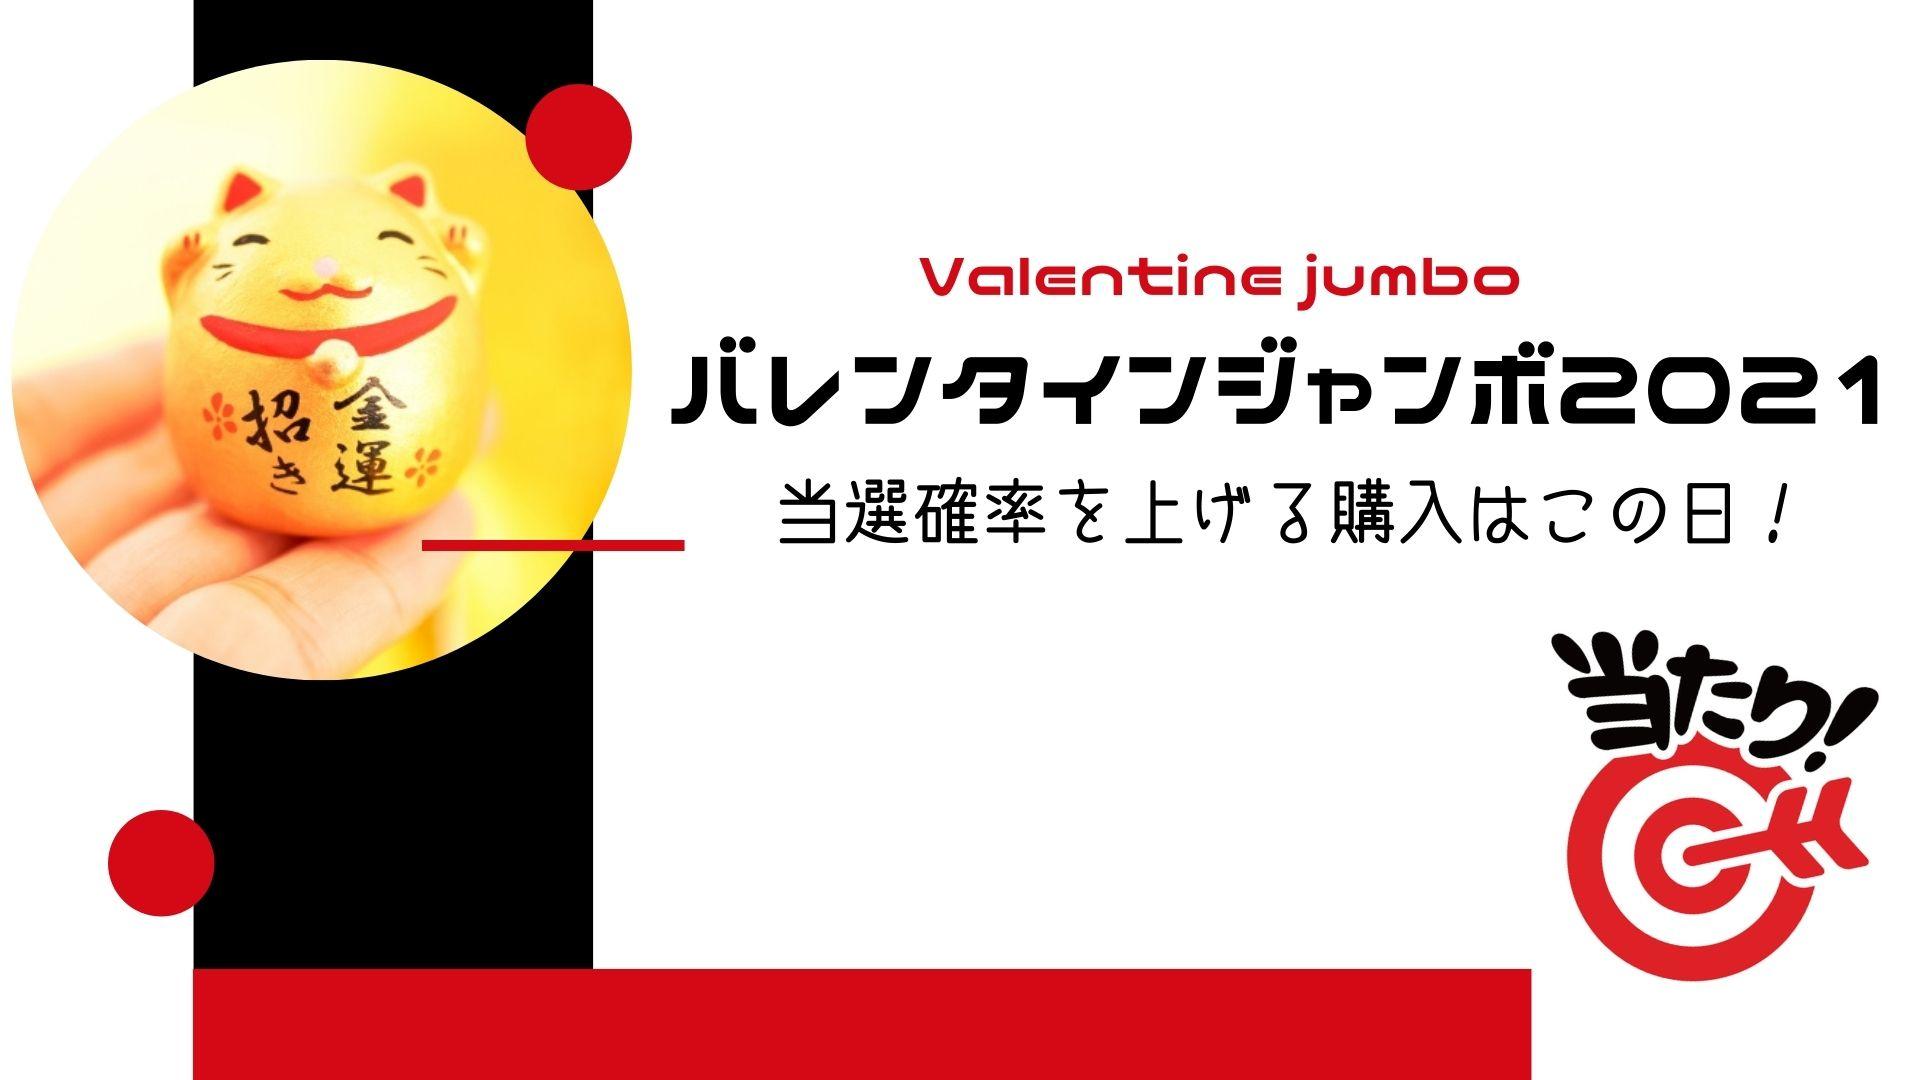 ジャンボ 2021 バレンタイン